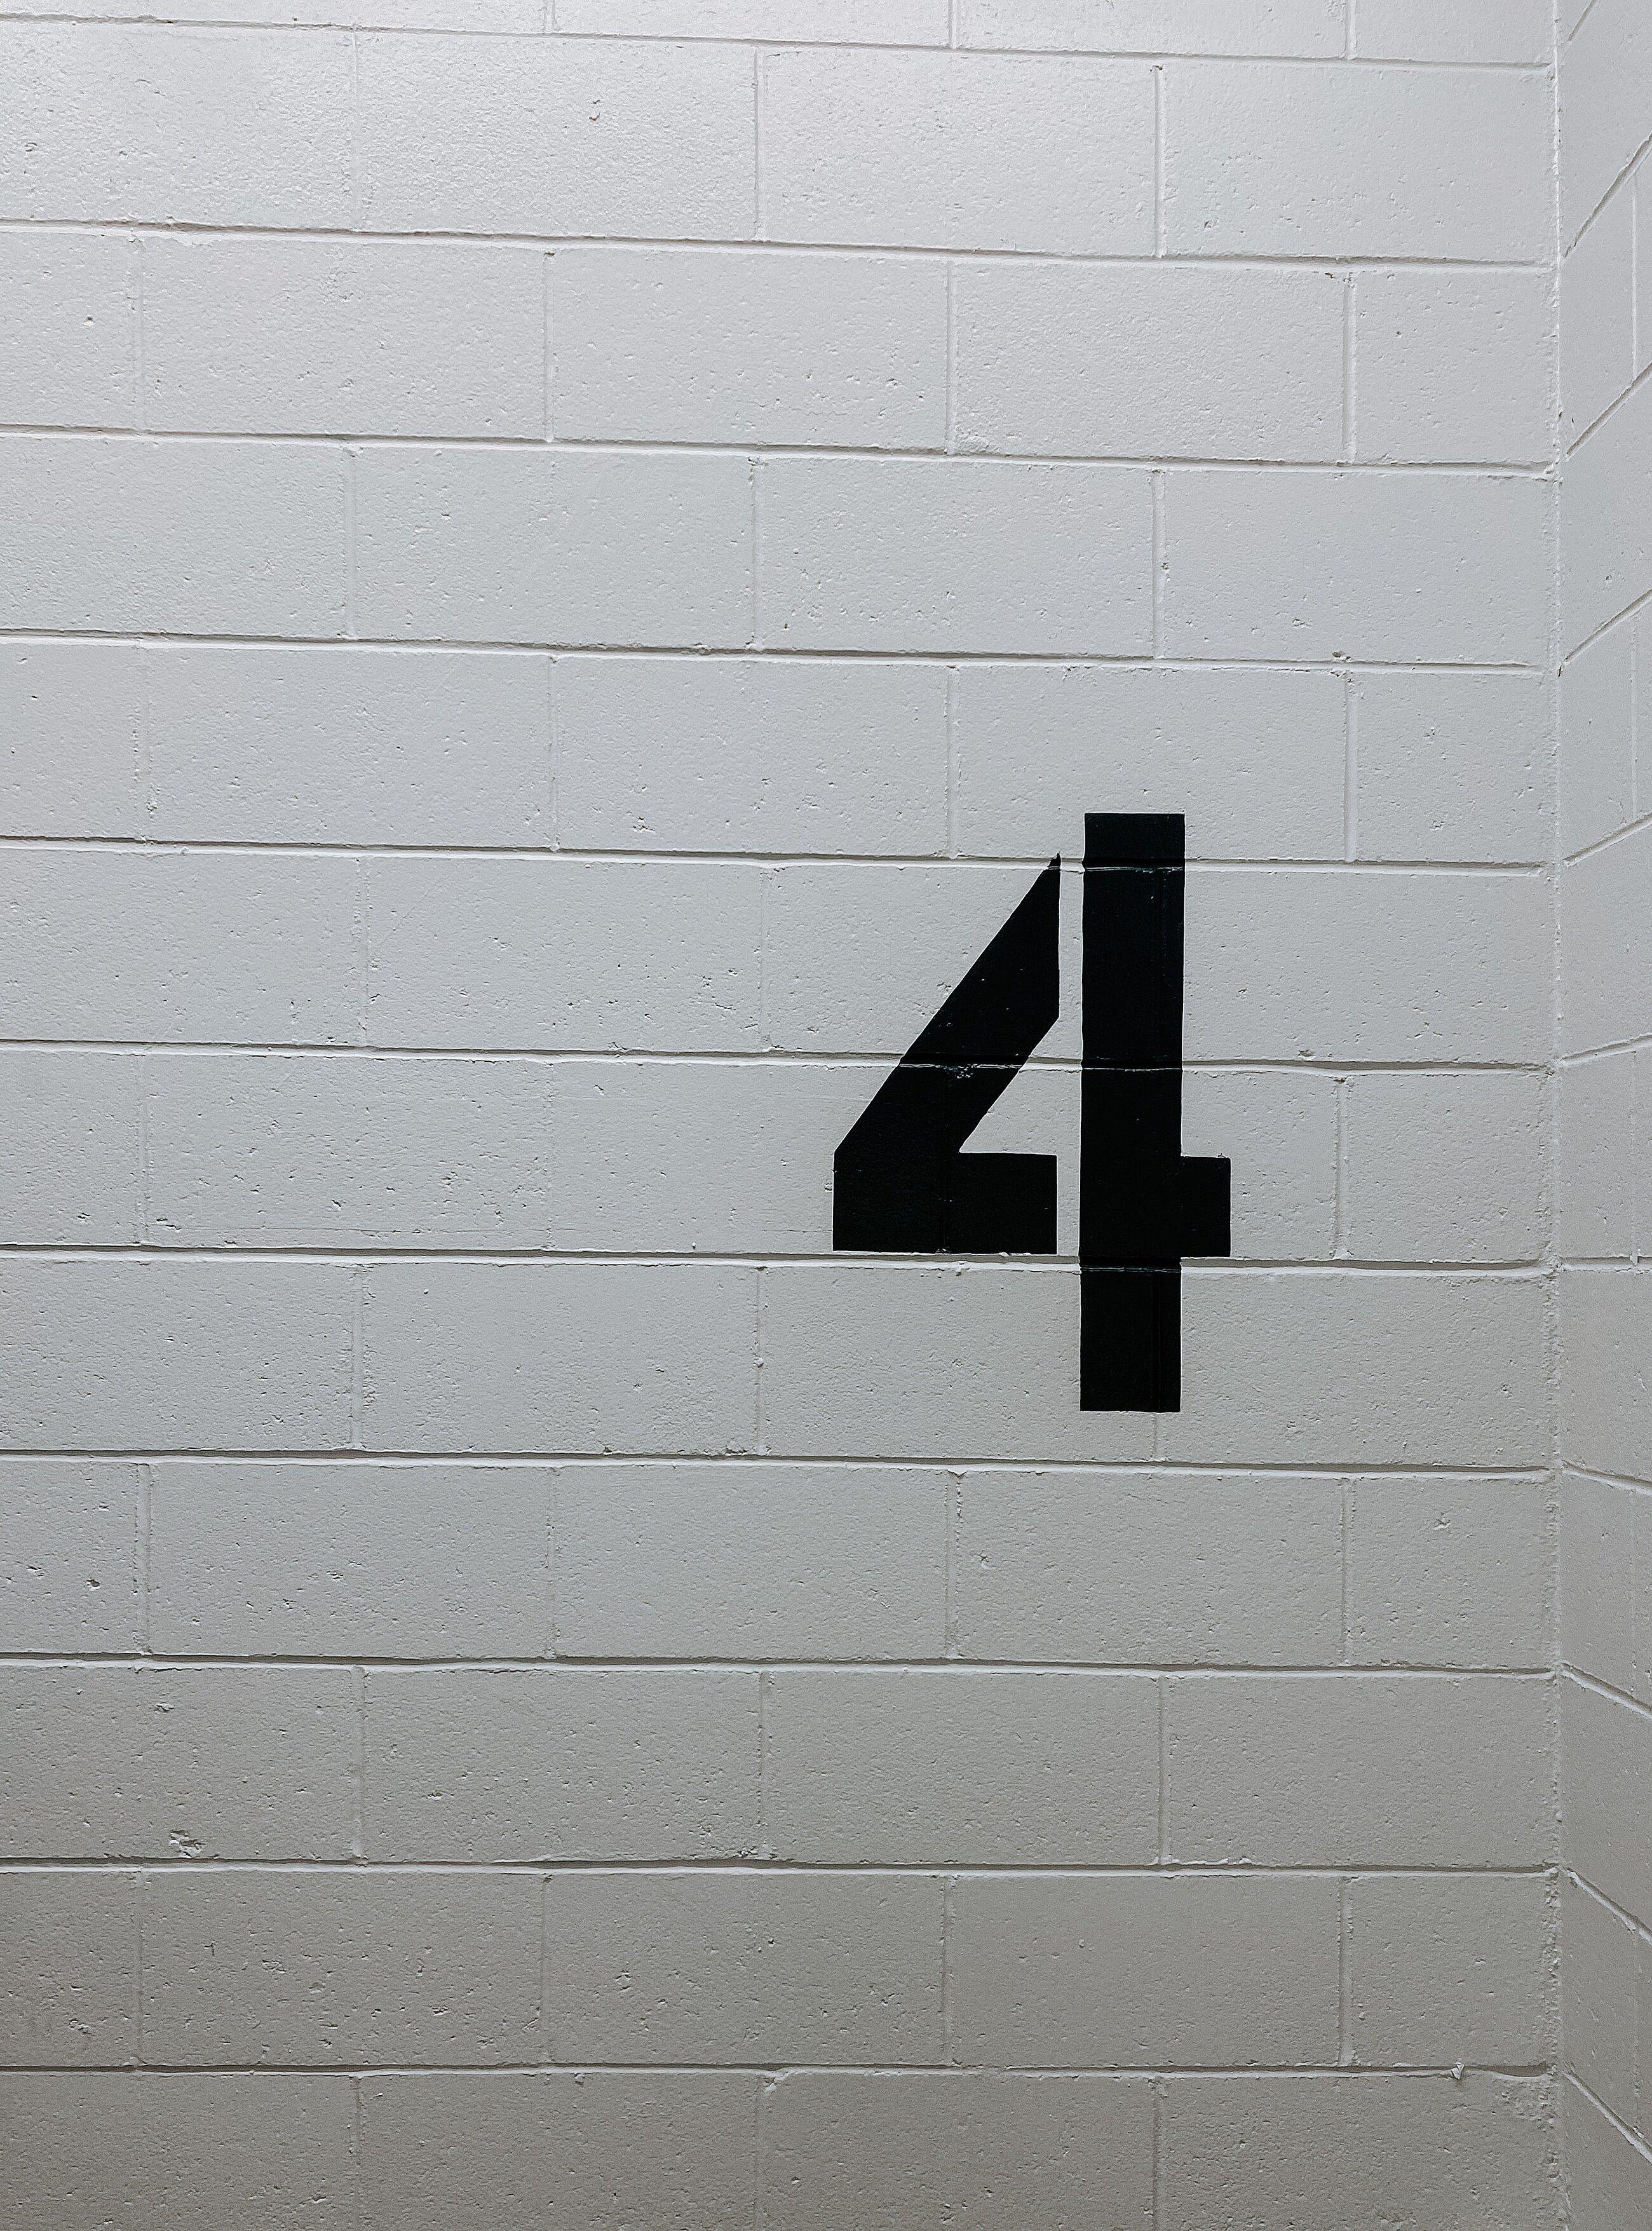 Eine schwarze Vier, die auf eine graue Wand gemalt wurde.